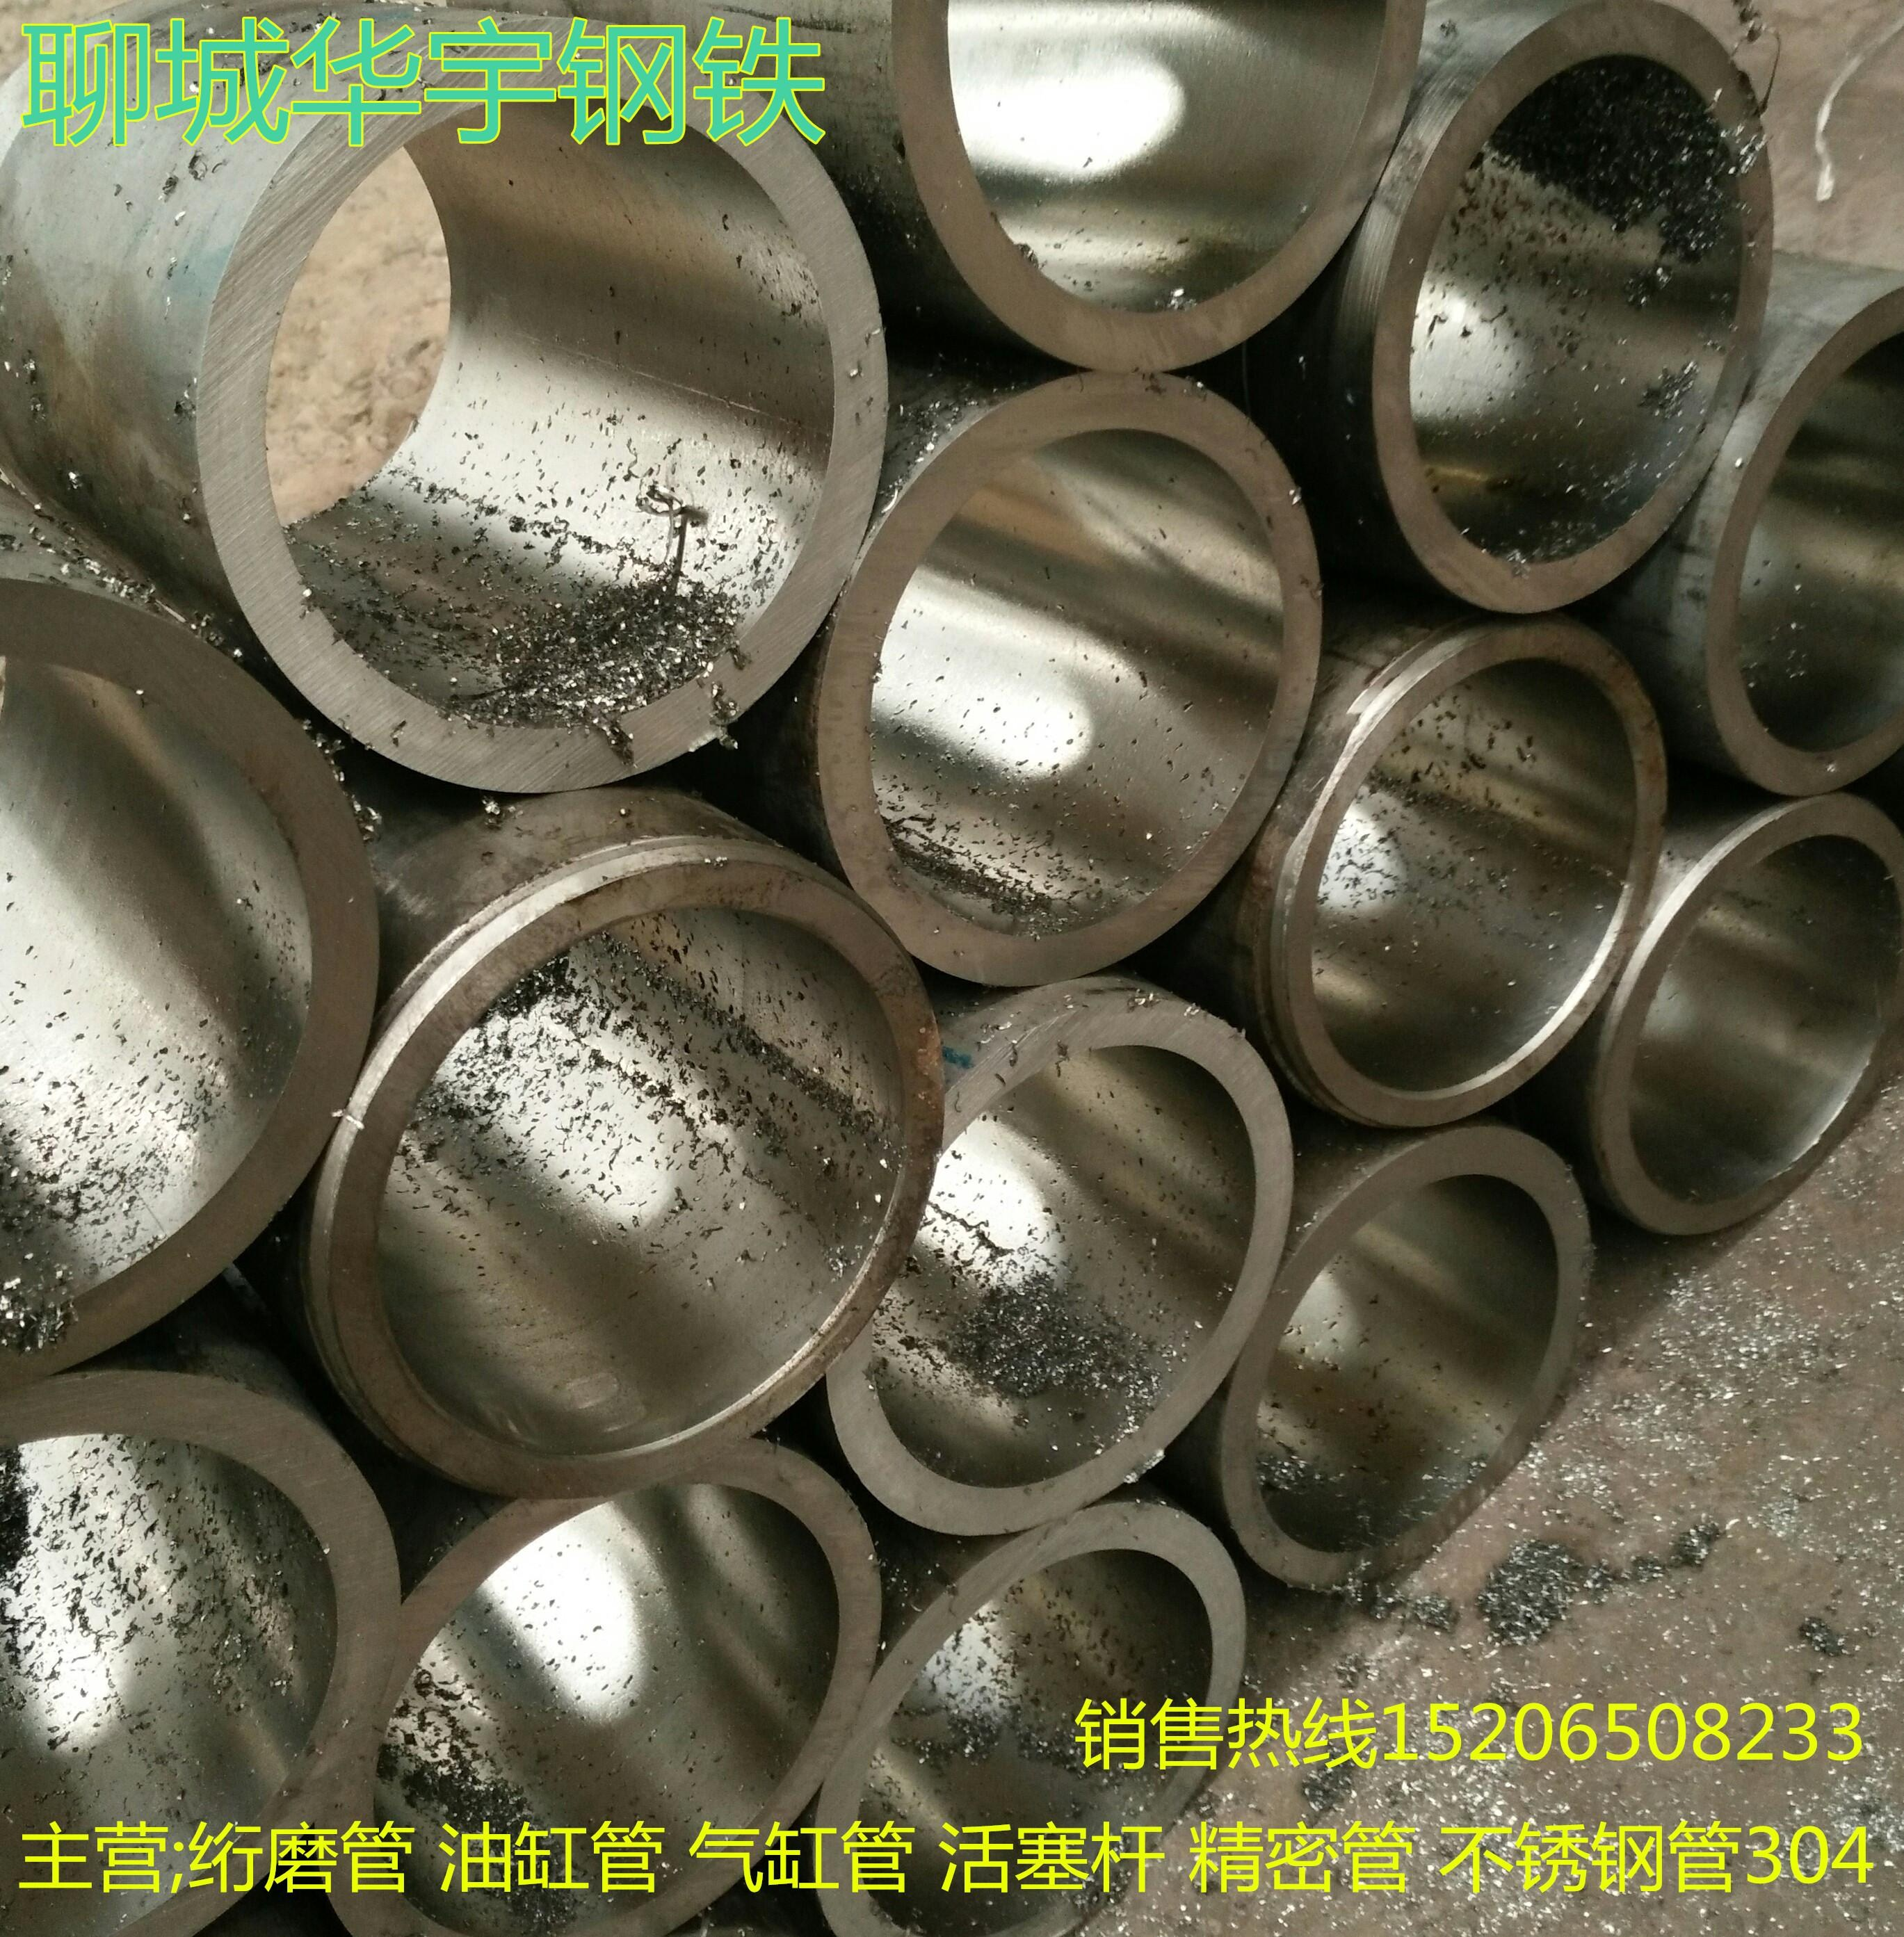 オーダーメードステンレスメーカー絎戣磨管油圧シリンダチューブシリンダチューブロッド調質件圧延管